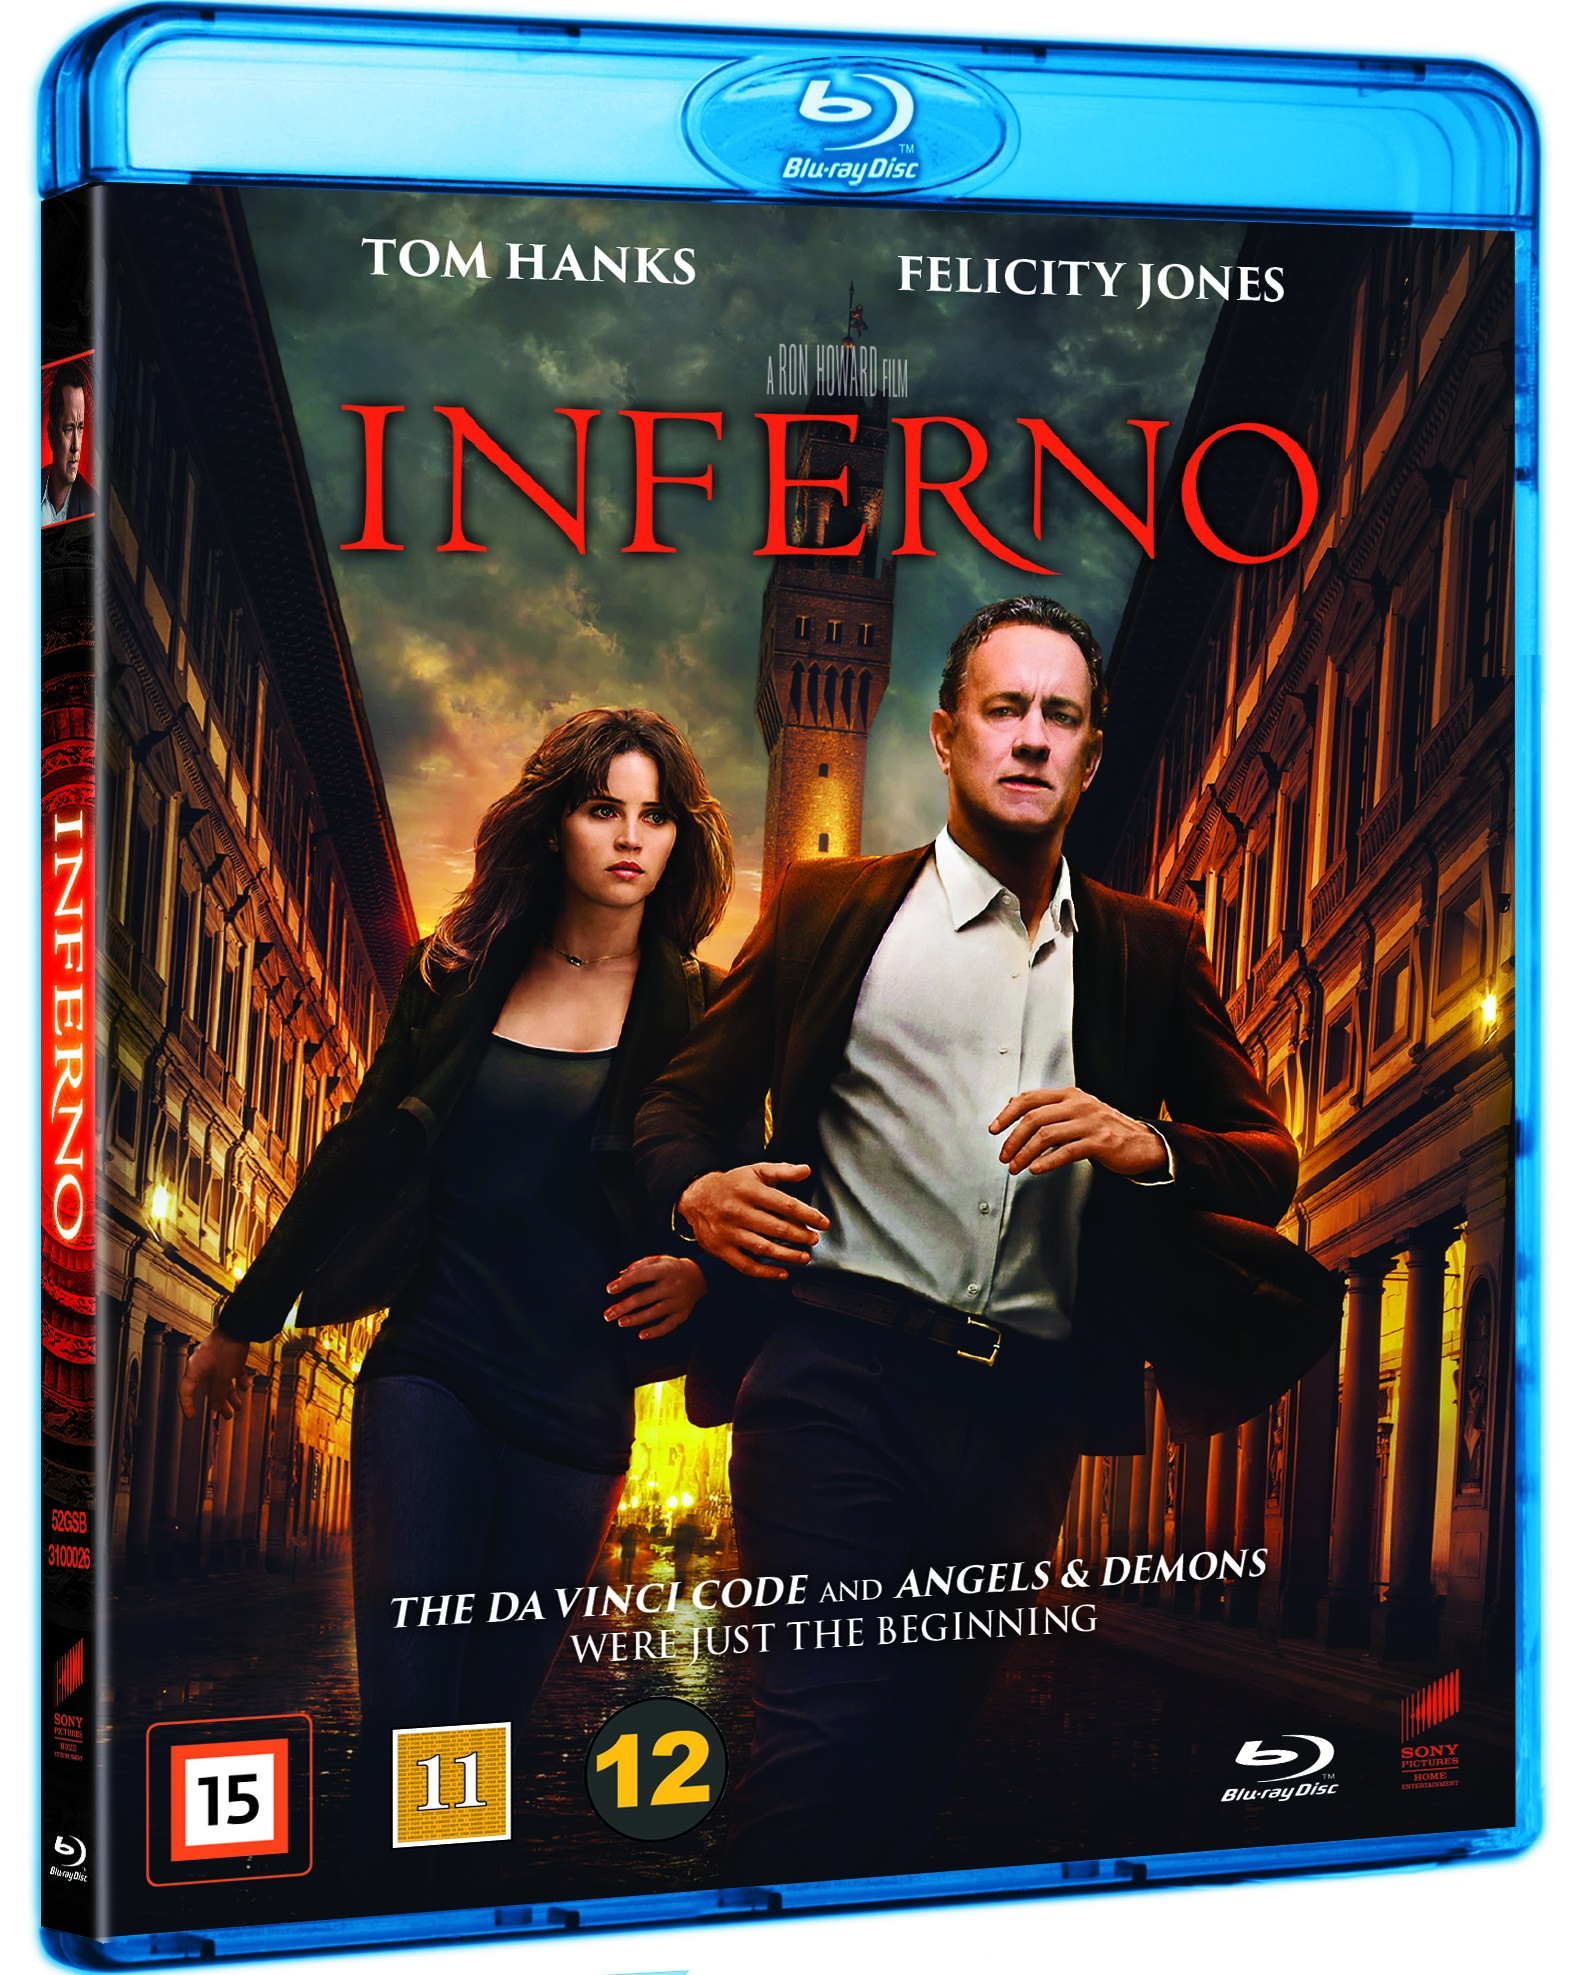 Inferno - Tom Hanks / Felicity Jones - Film - SONY DISTR - FEATURES - 7330031000261 - 2/3-2017